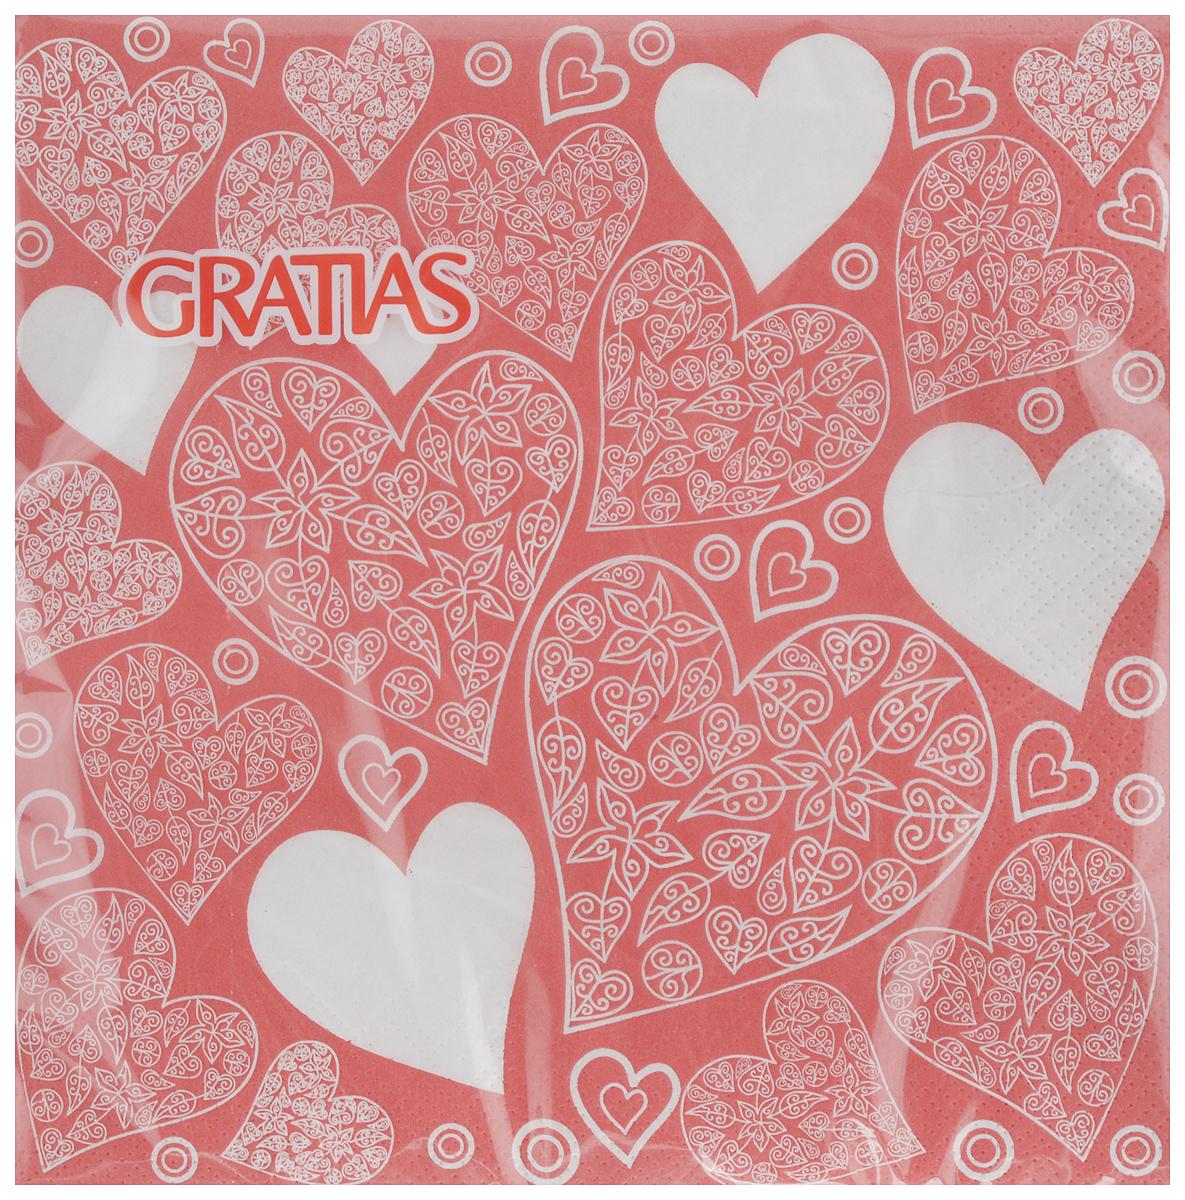 Салфетки бумажные Gratias Сердечки, трехслойные, 33 х 33 см, 20 шт328Трехслойные бумажные салфетки Gratias Сердечки, выполненные из натуральной целлюлозы, станут отличным дополнением любого праздничного стола. Они отличаются необычной мягкостью и прочностью. Размер листа: 33 х 33 см. Количество слоев: 3.